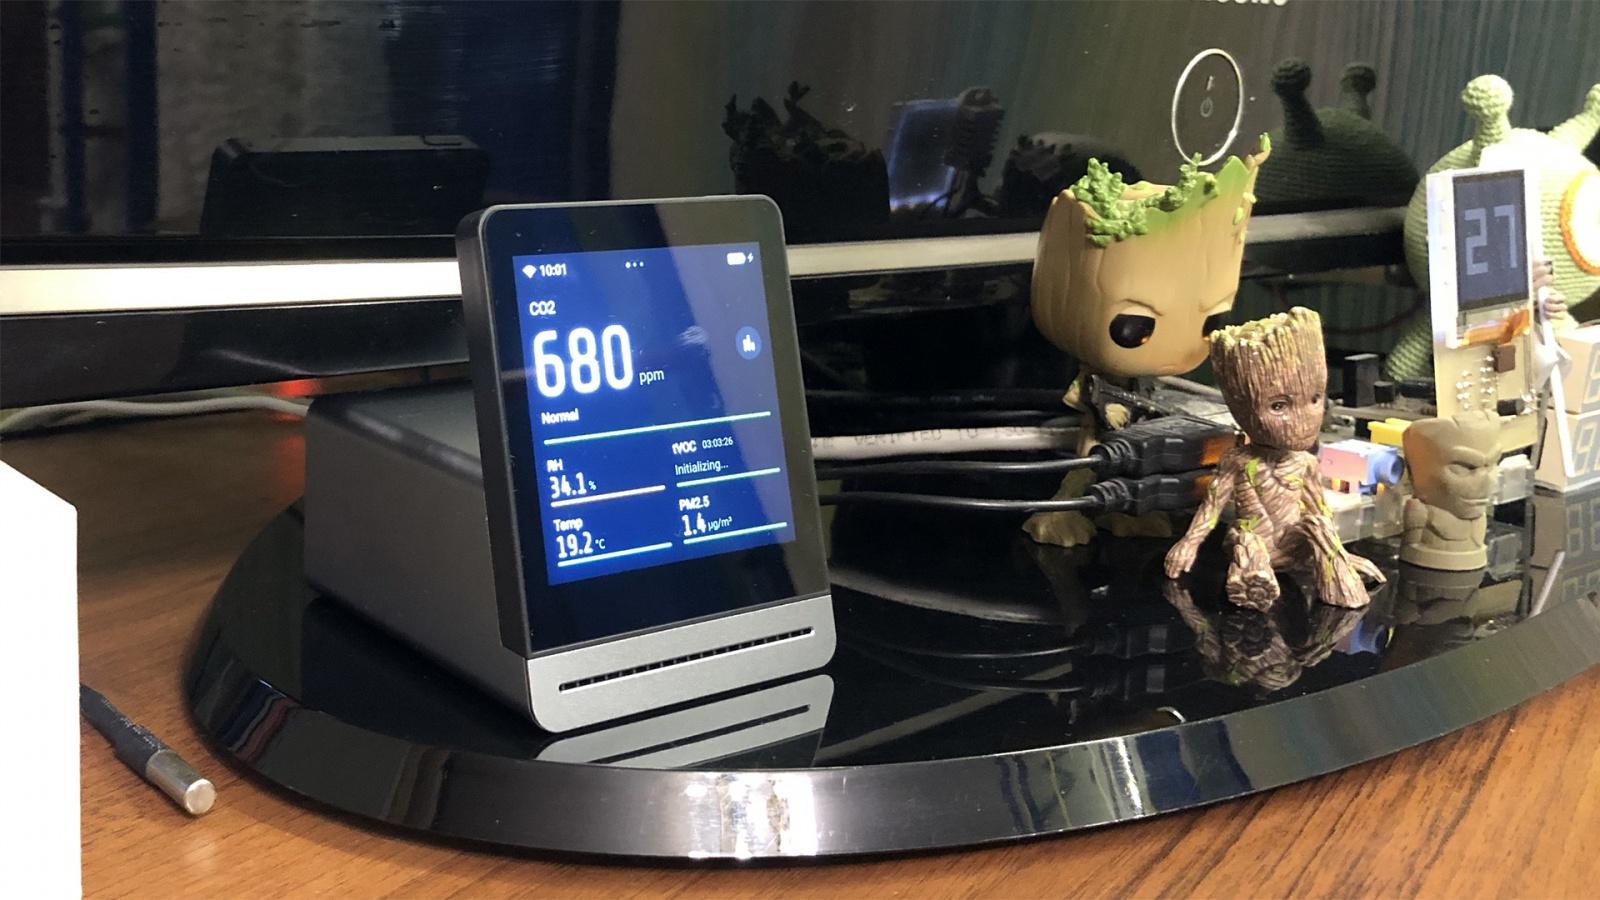 Работаем с датчиком CO₂ Xiaomi ClearGrass Air Detector локально, без китайских серверов - 1